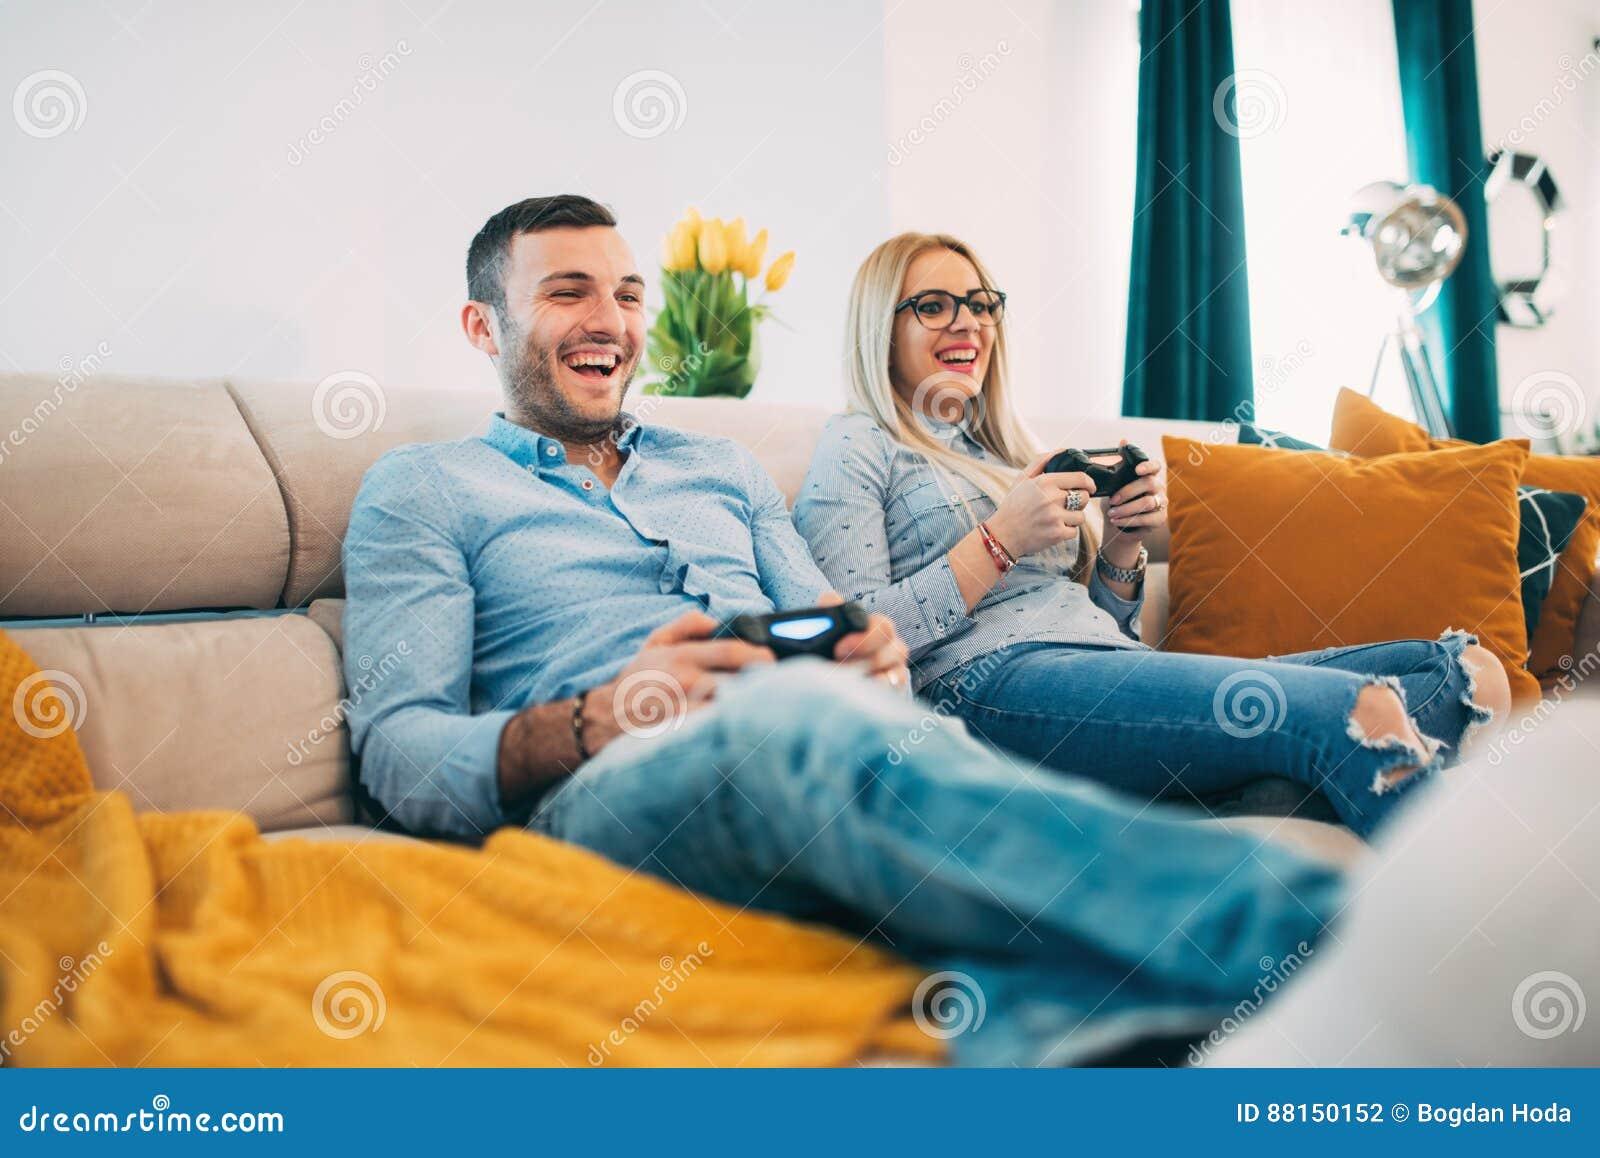 Koppla ihop att ha roligt och att skratta, medan spela videospel i modern vardagsrum